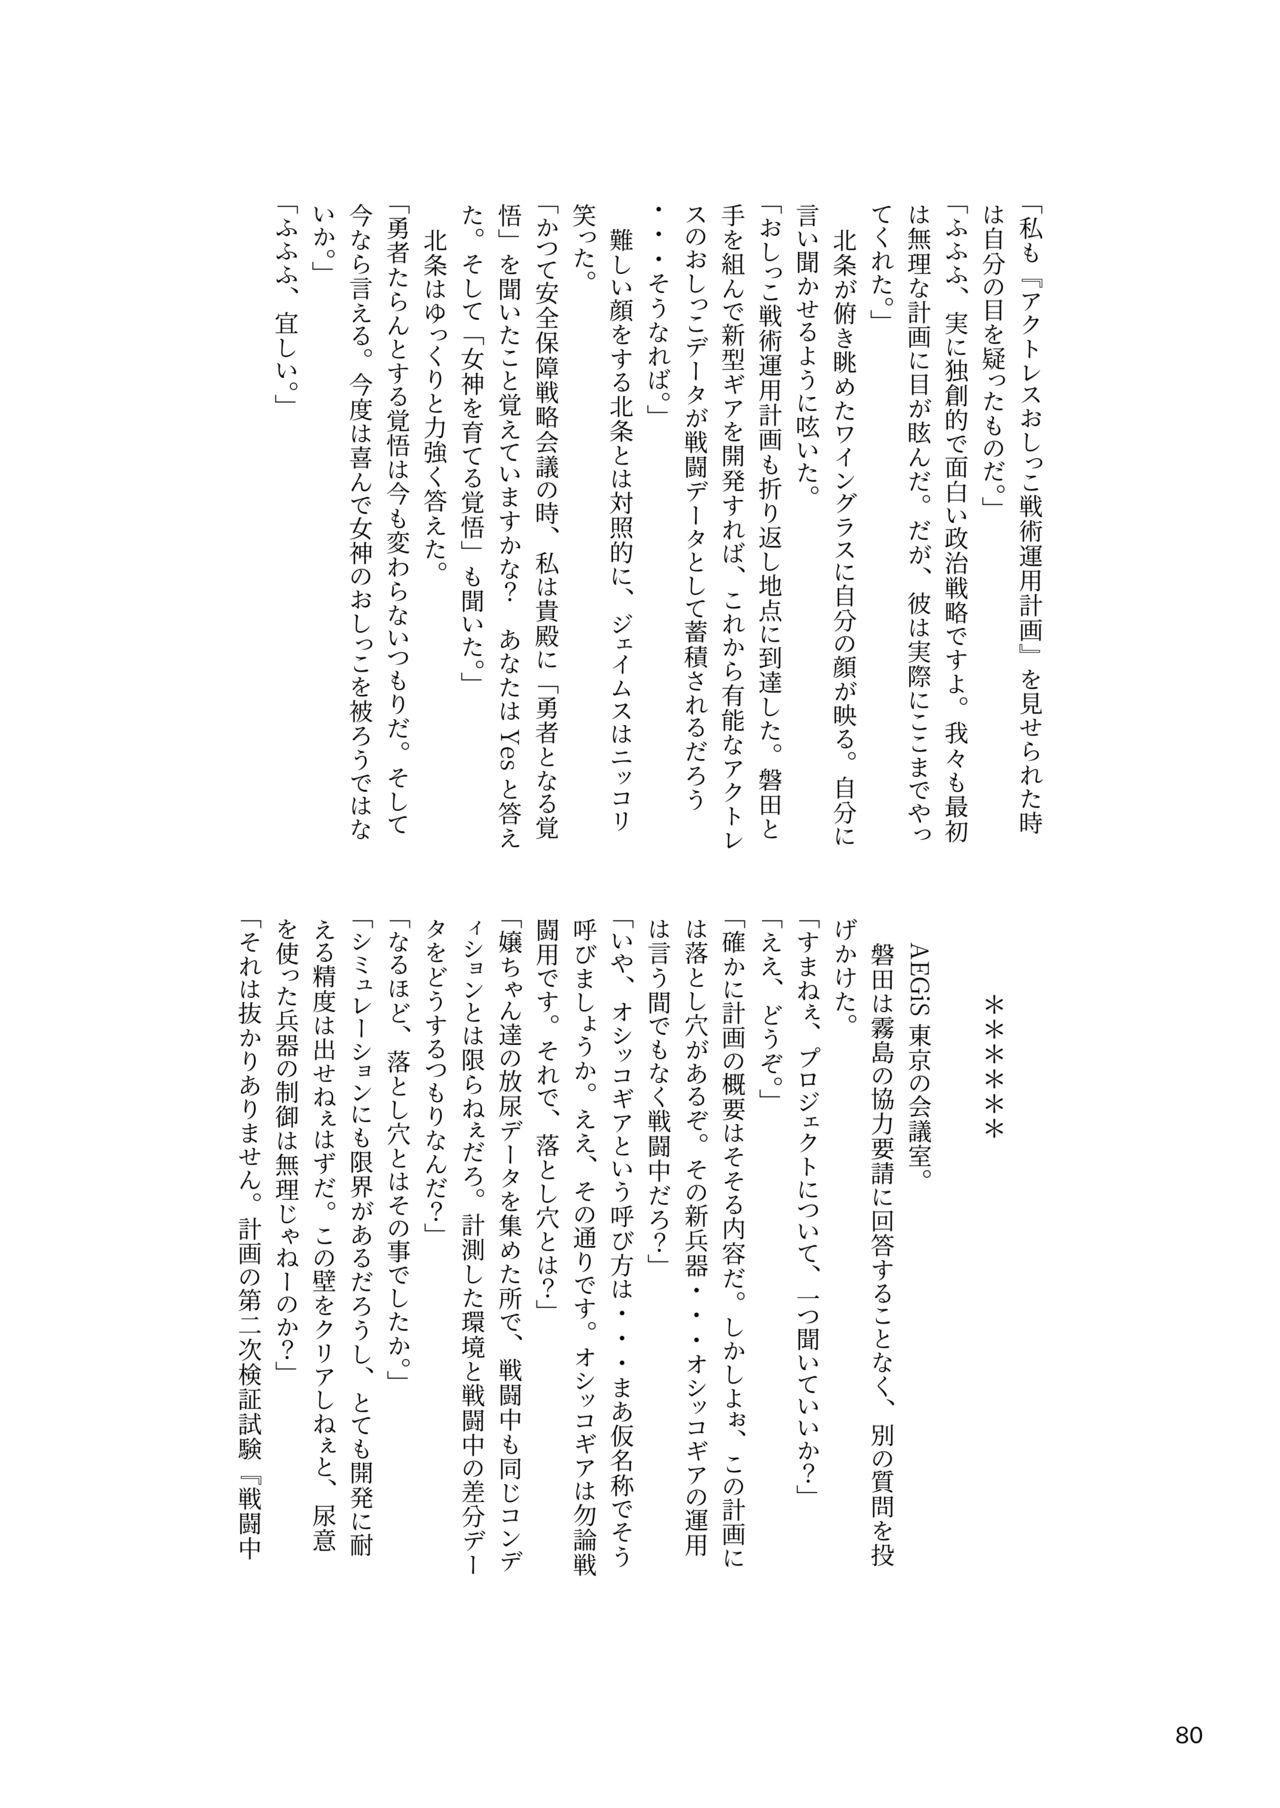 ア○スギア総合スカトロアンソロジー アクトレス排泄実態調査任務~スカポためるっすか!?~ 79